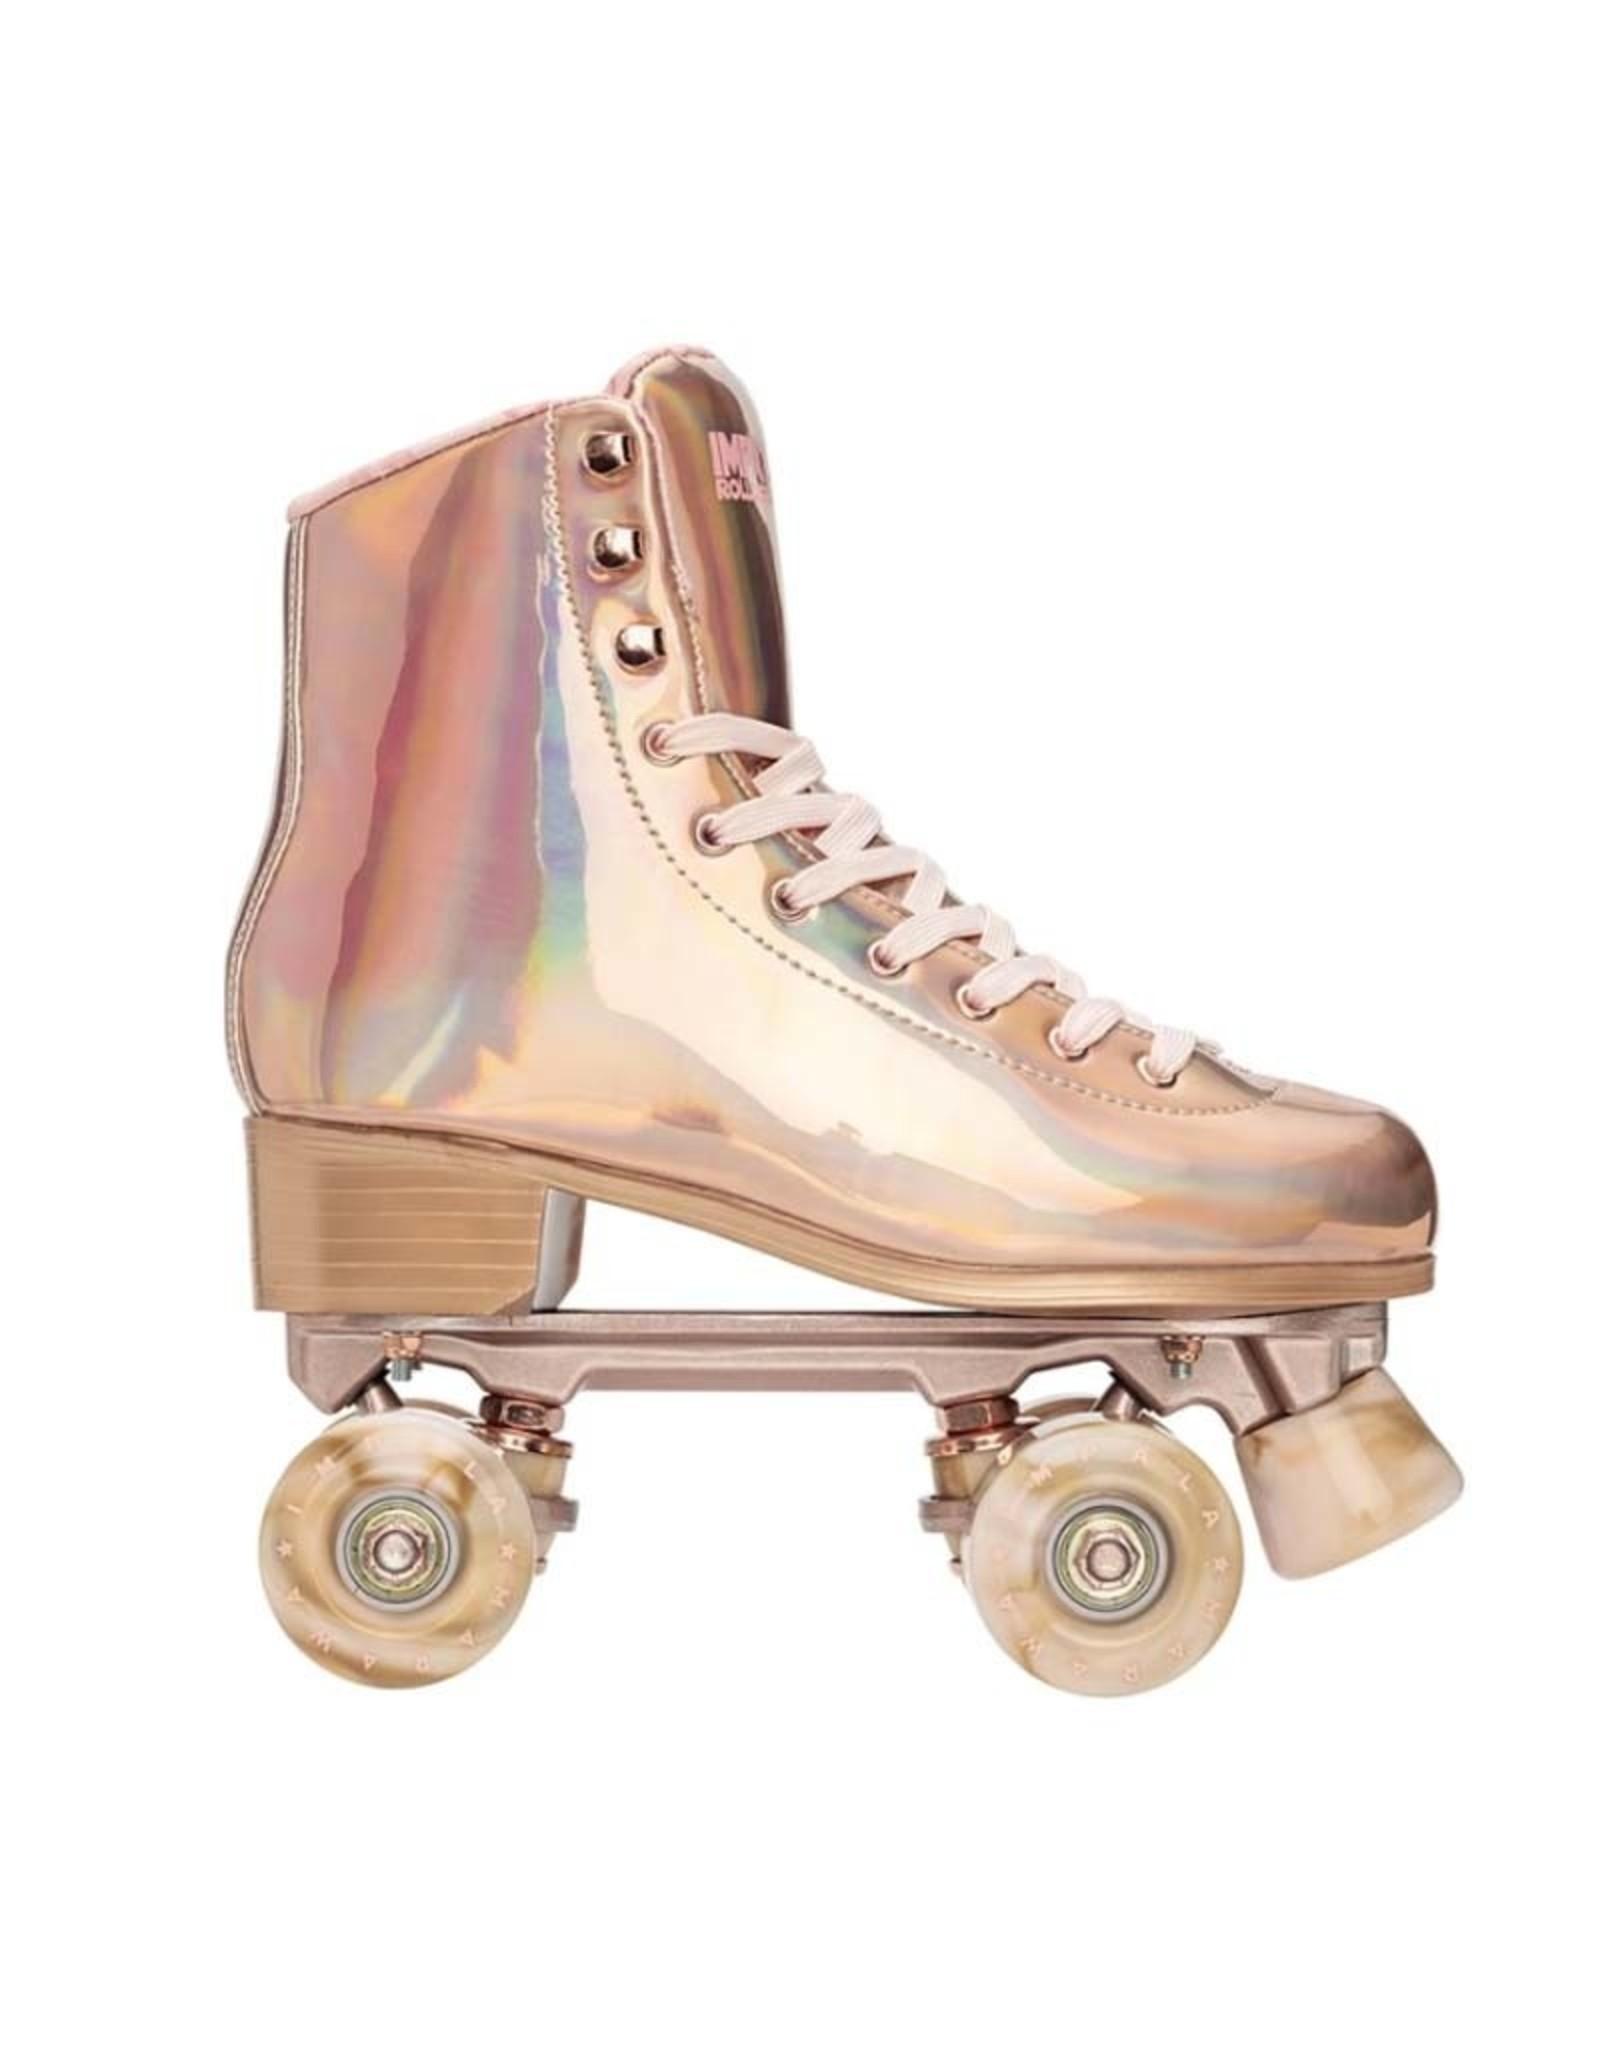 Impala Impala Skates, Special Edition